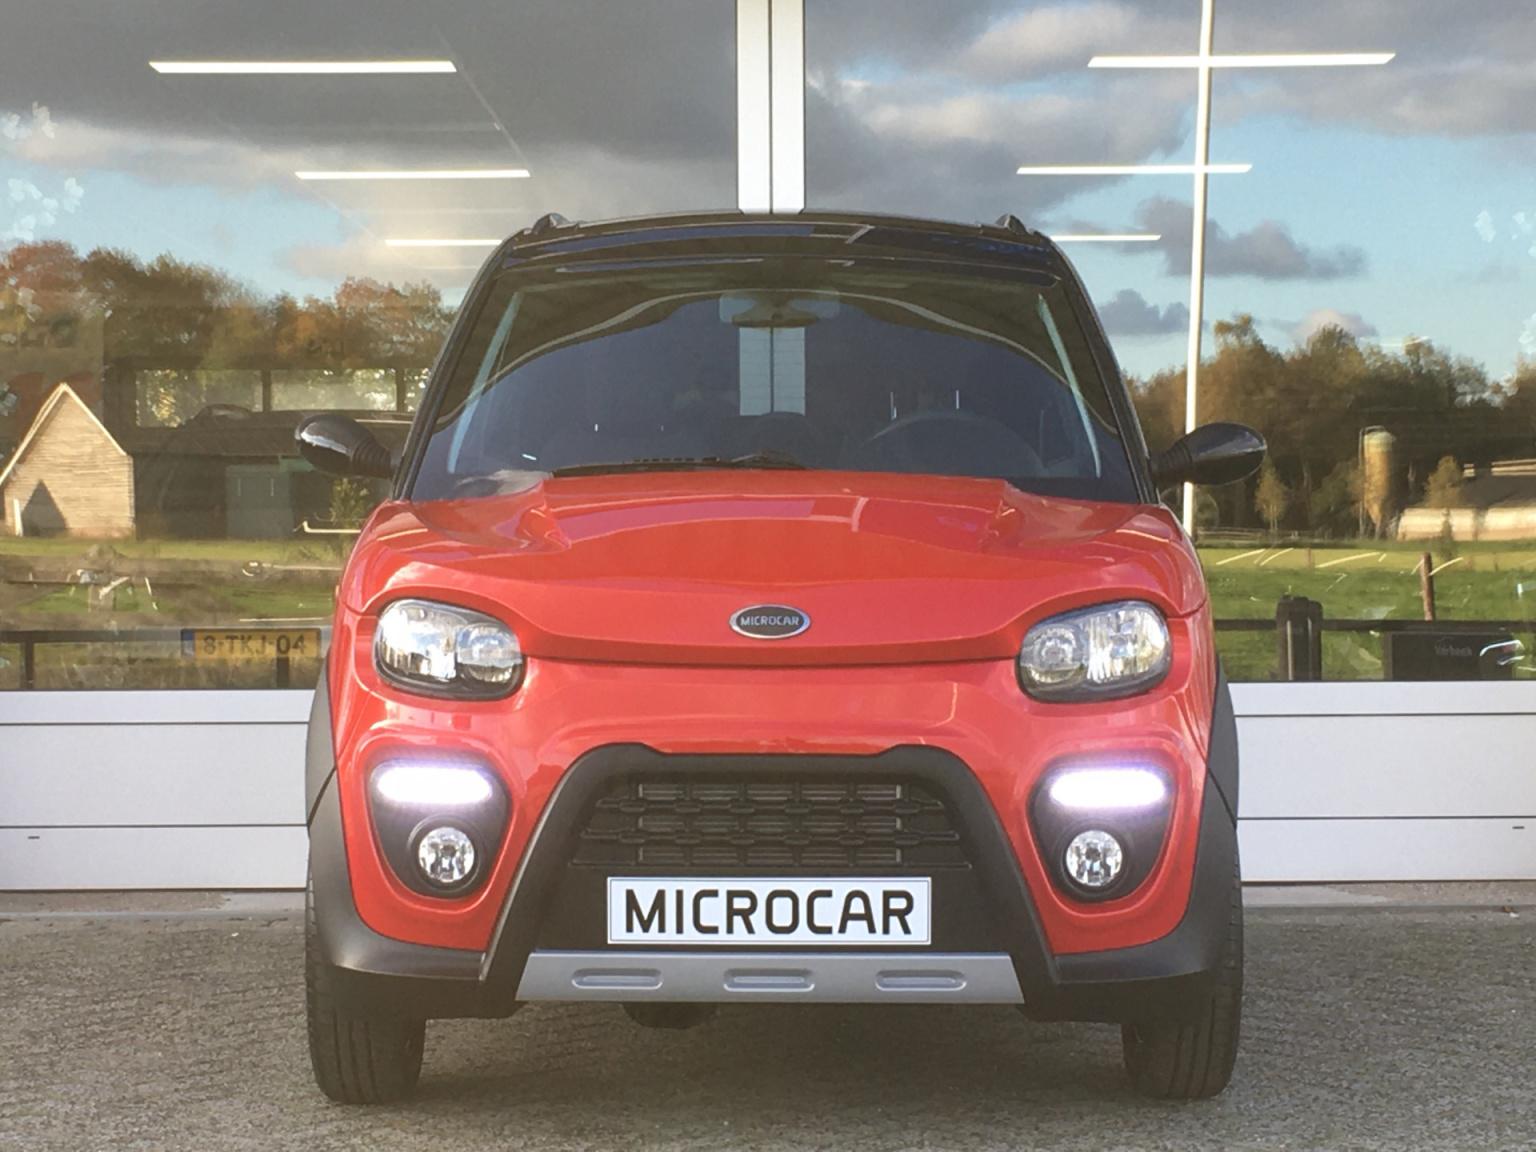 Microcar-M.GO 6 X Sun DCI - Van € 16.880,- voor € 14.995,- | Voorraadactie!-8